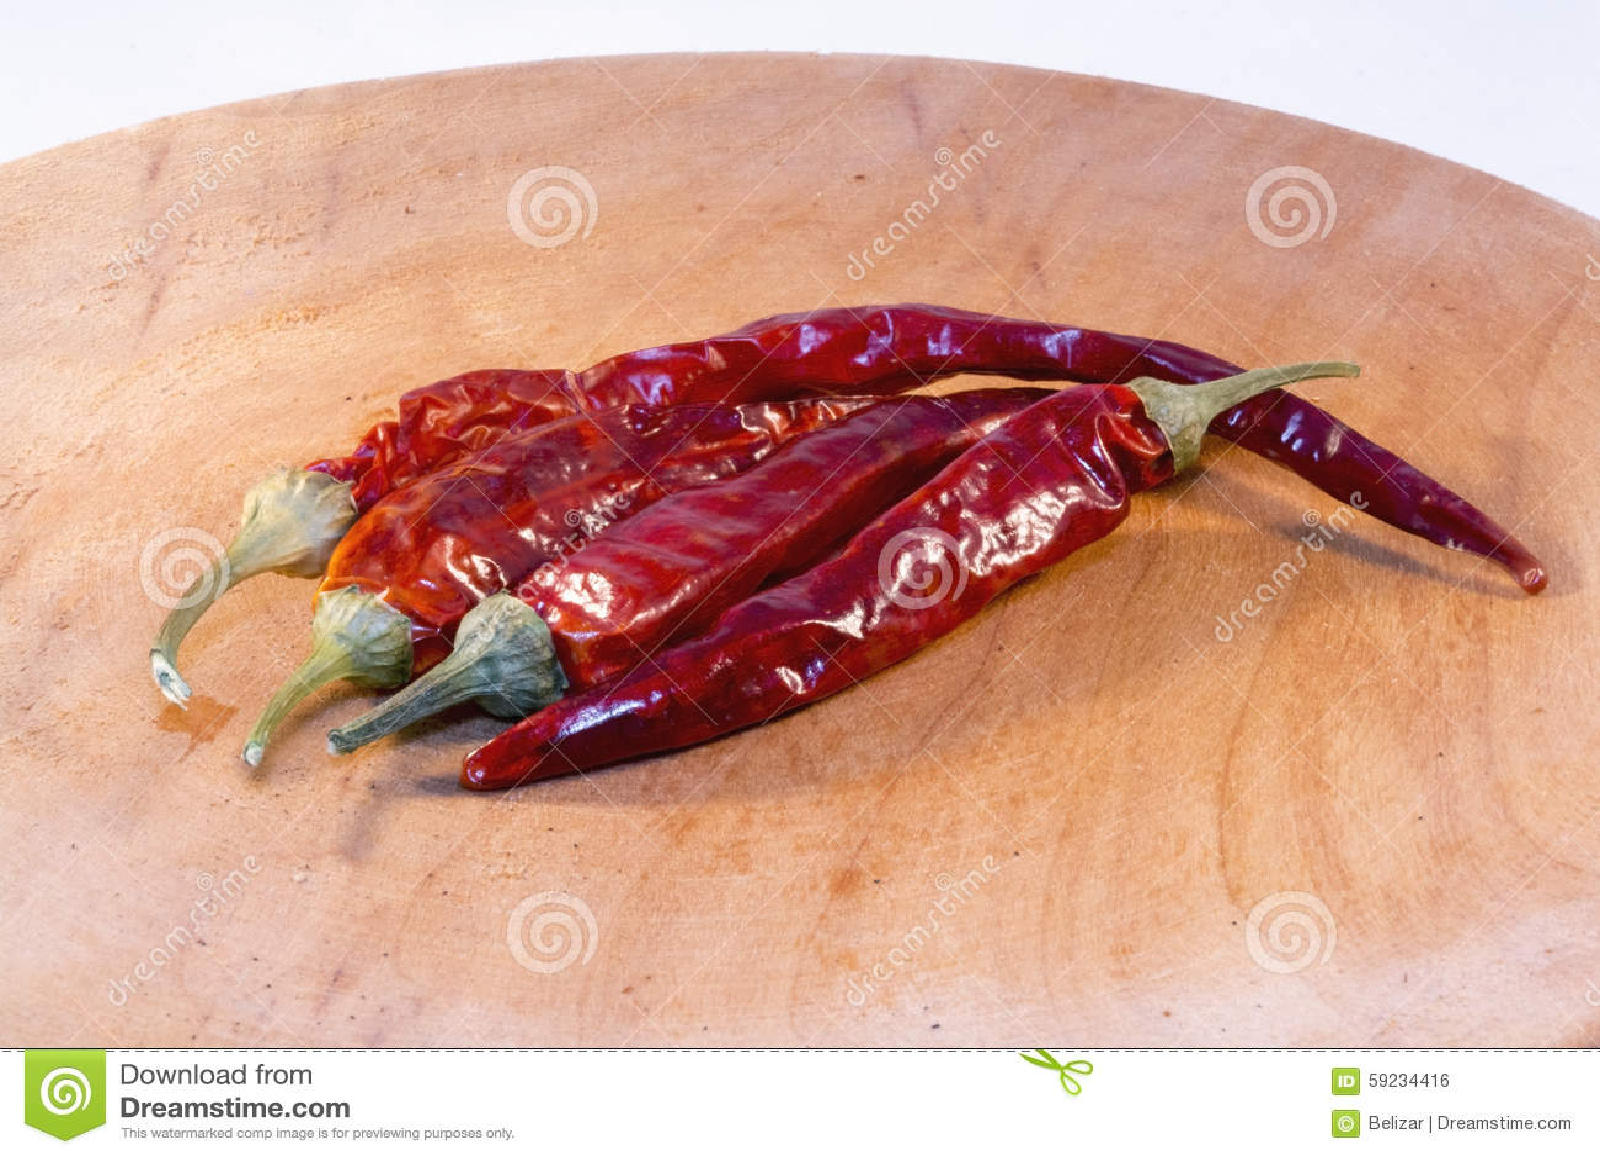 Download Pimienta roja secada foto de archivo. Imagen de seco - 59234416